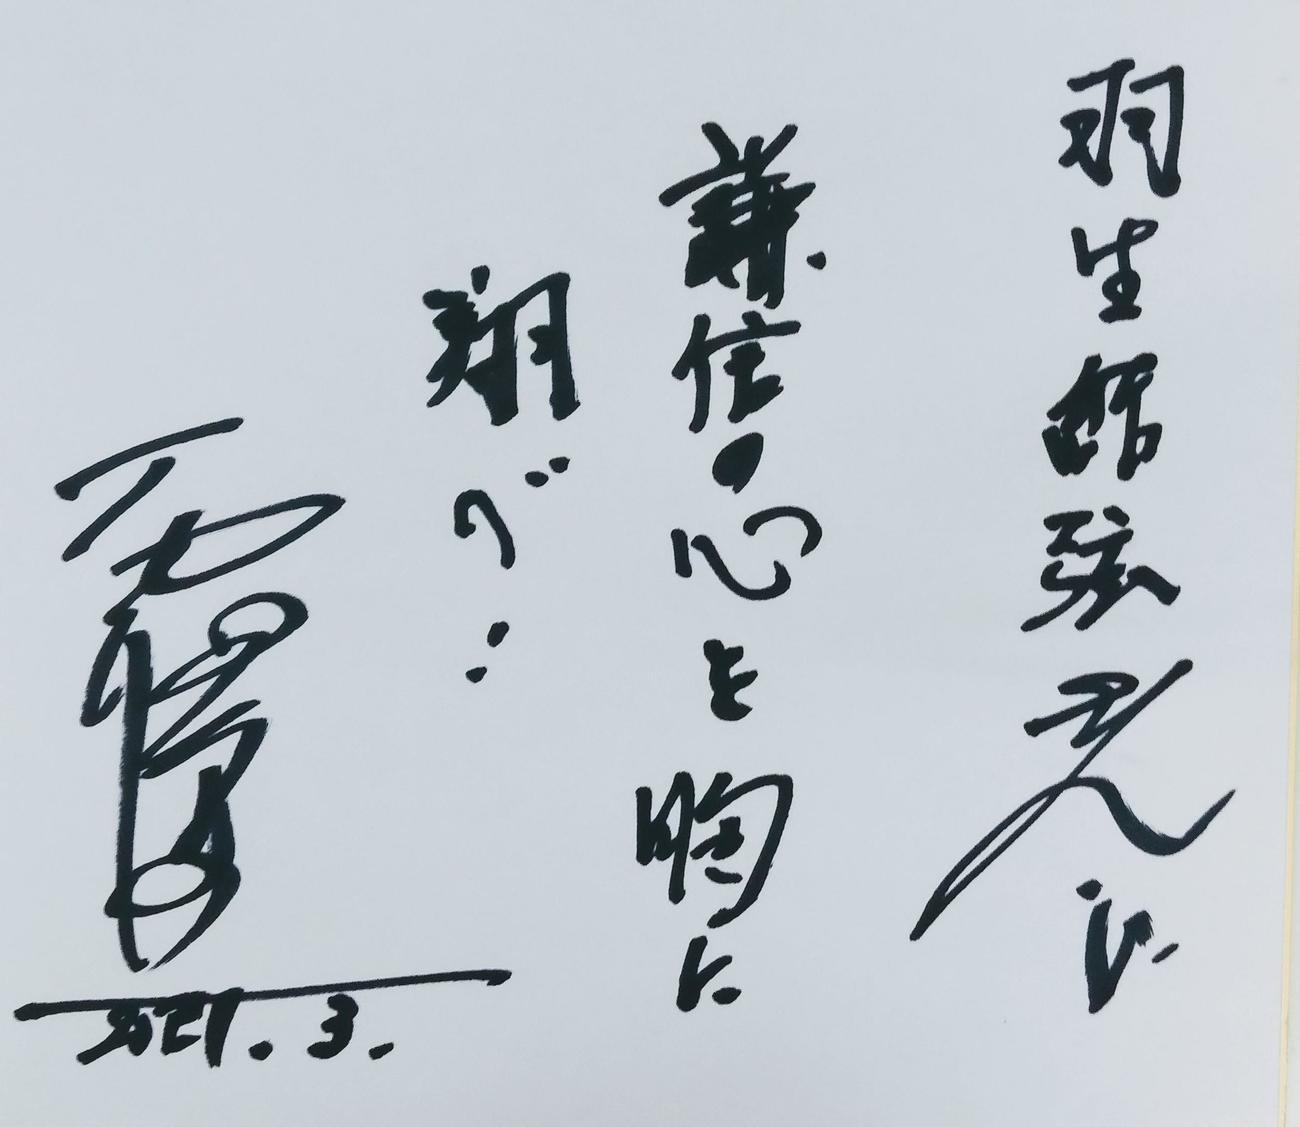 石坂浩二が記した羽生結弦へのメッセージ。「謙信の心を胸に翔べ!」(撮影・野上伸悟)